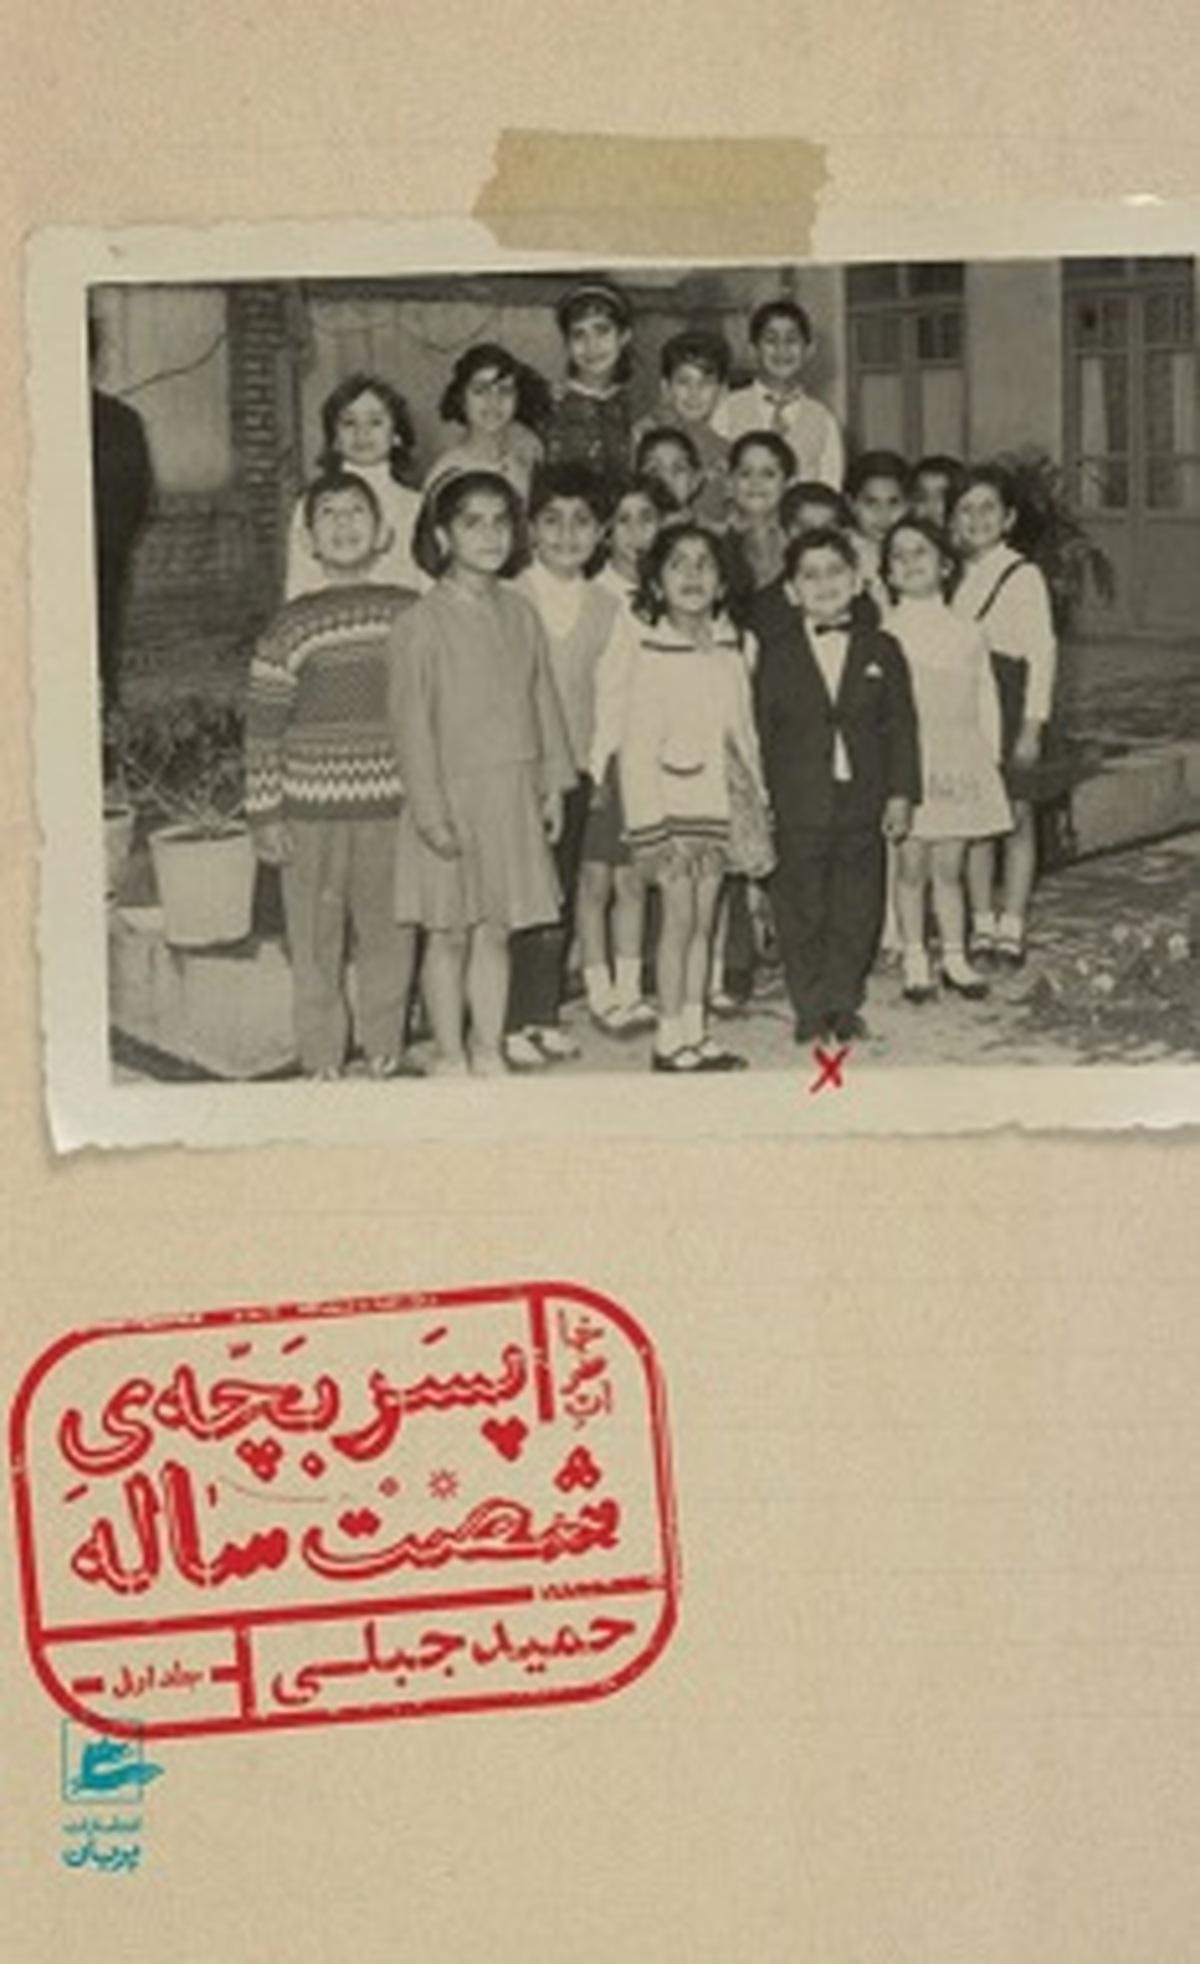 حمید جبلی؛ پسر بچۀ 60 ساله